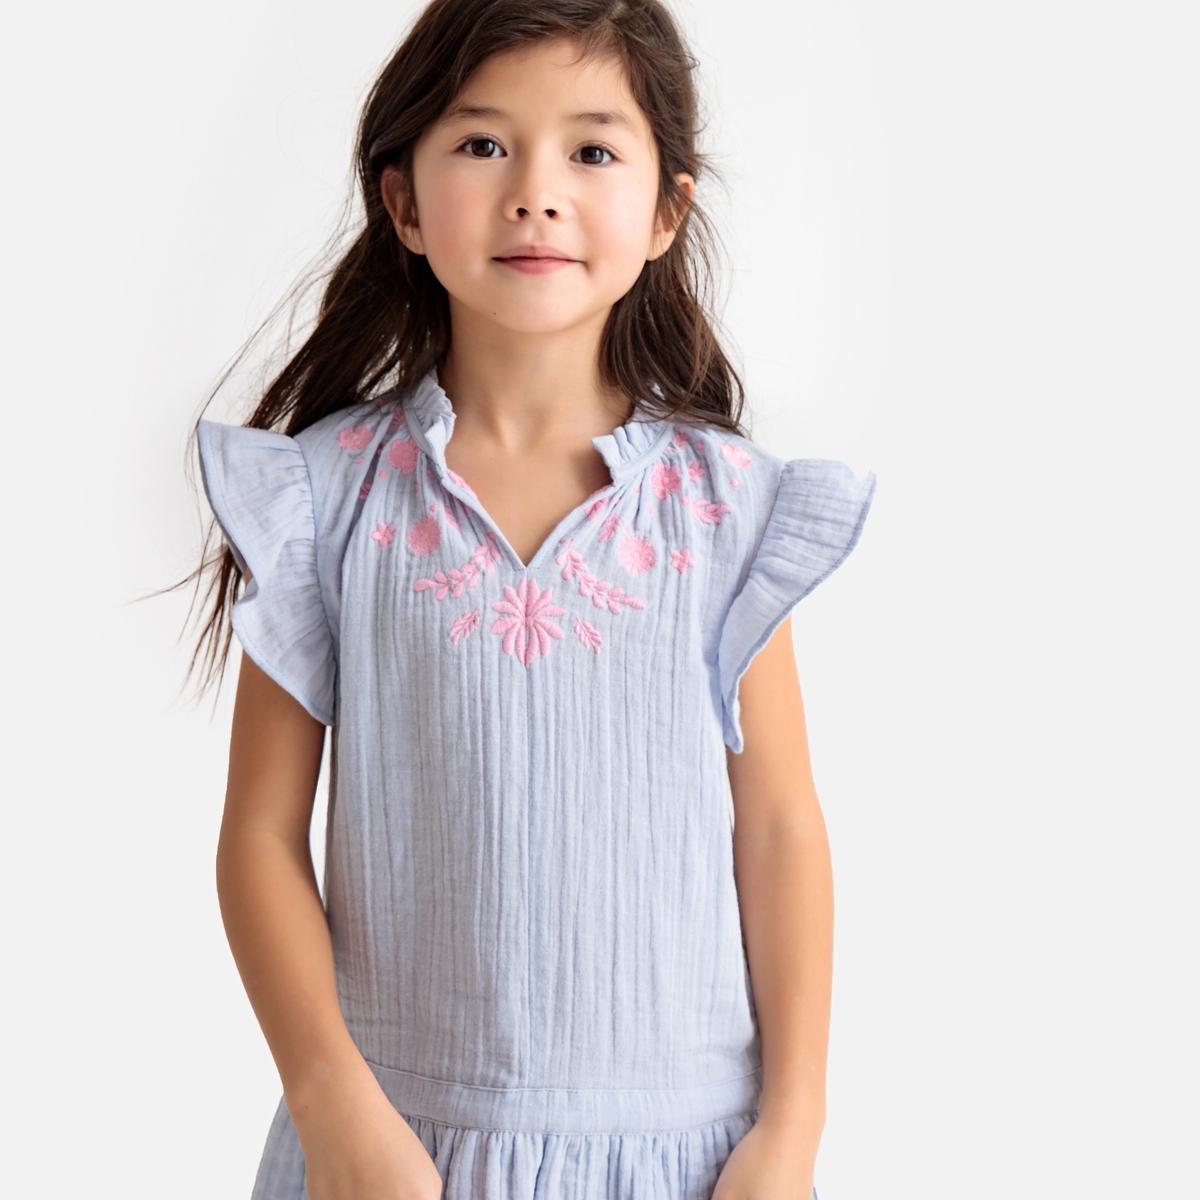 Платье La Redoute С вышивкой без рукавов 8 лет - 126 см синий юбка la redoute расклешенная с принтом 8 лет 126 см другие